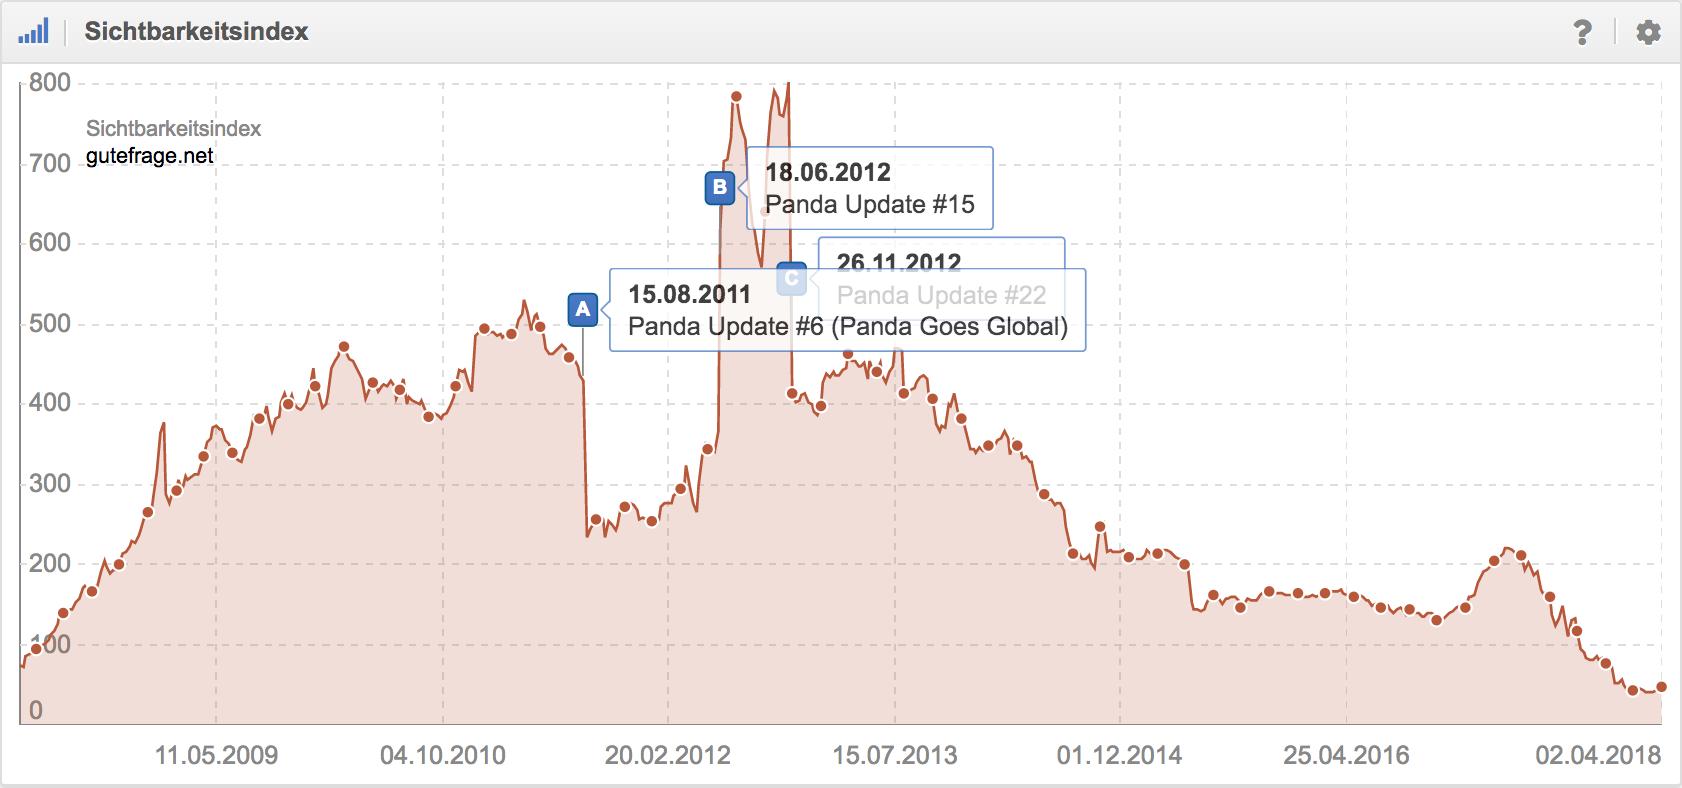 Entwicklung Sichtbarkeitsindex gutefrage.net (google.de)